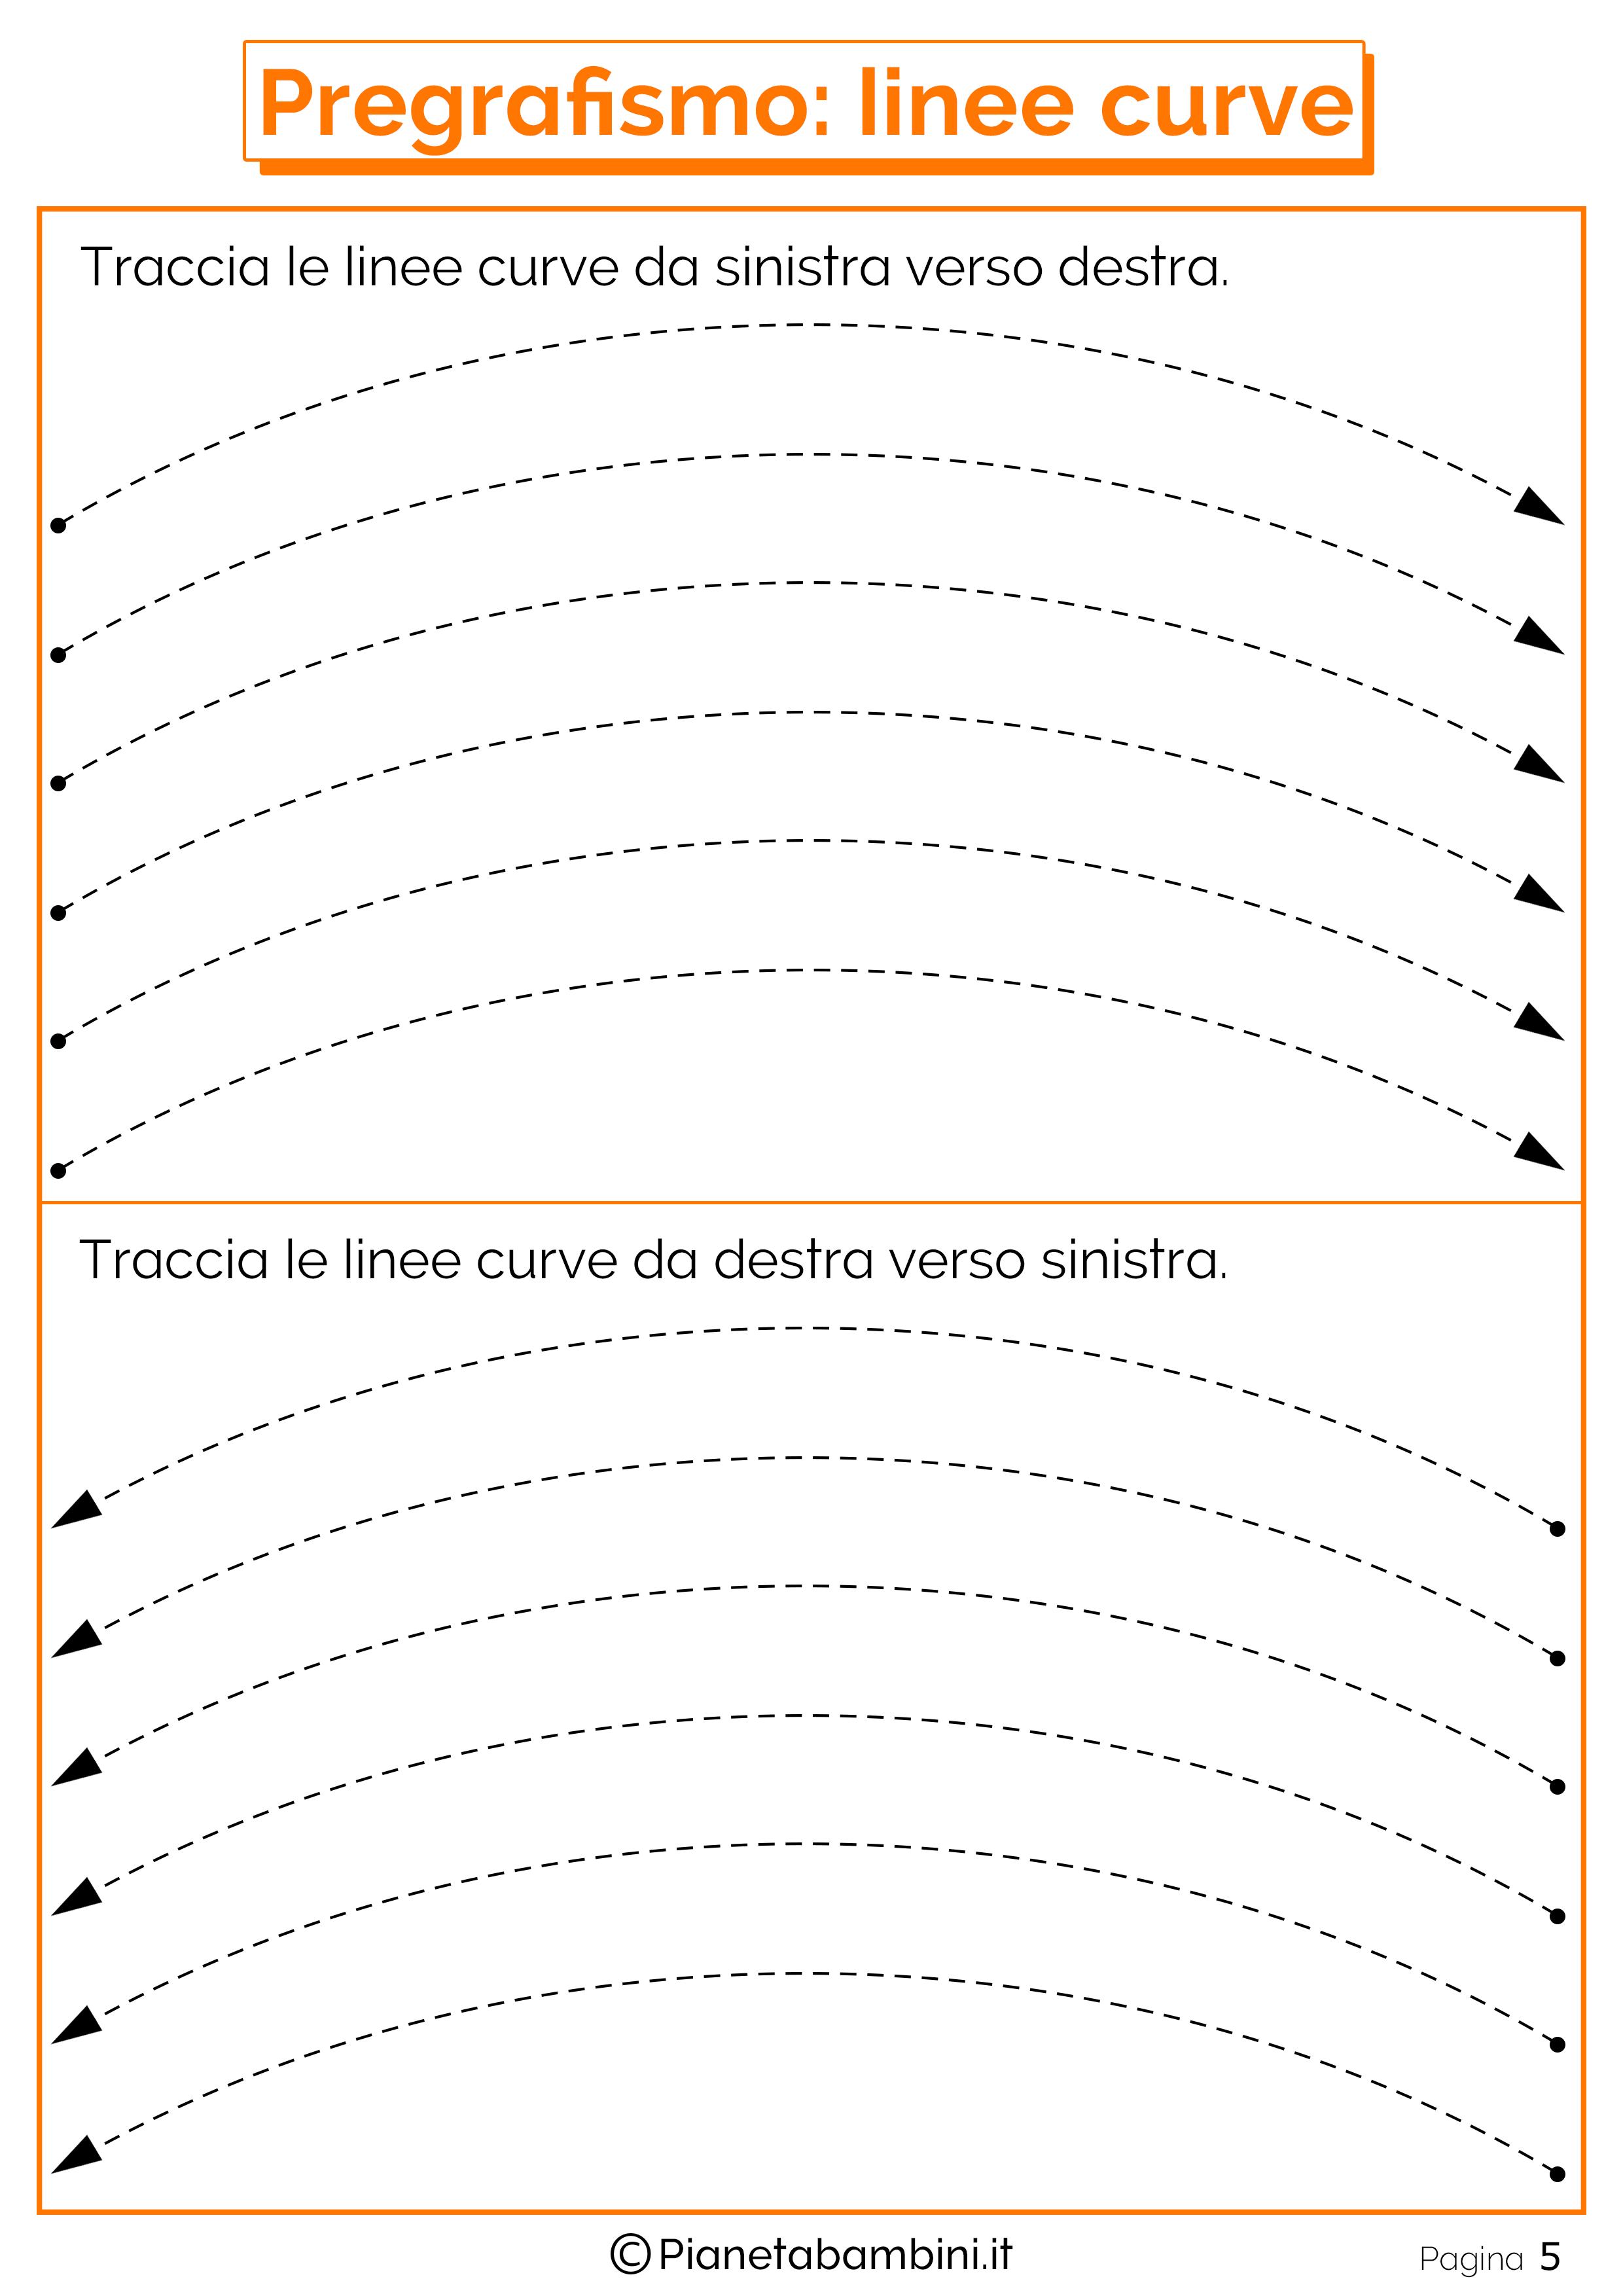 Pregrafismo-Linee-Curve_05